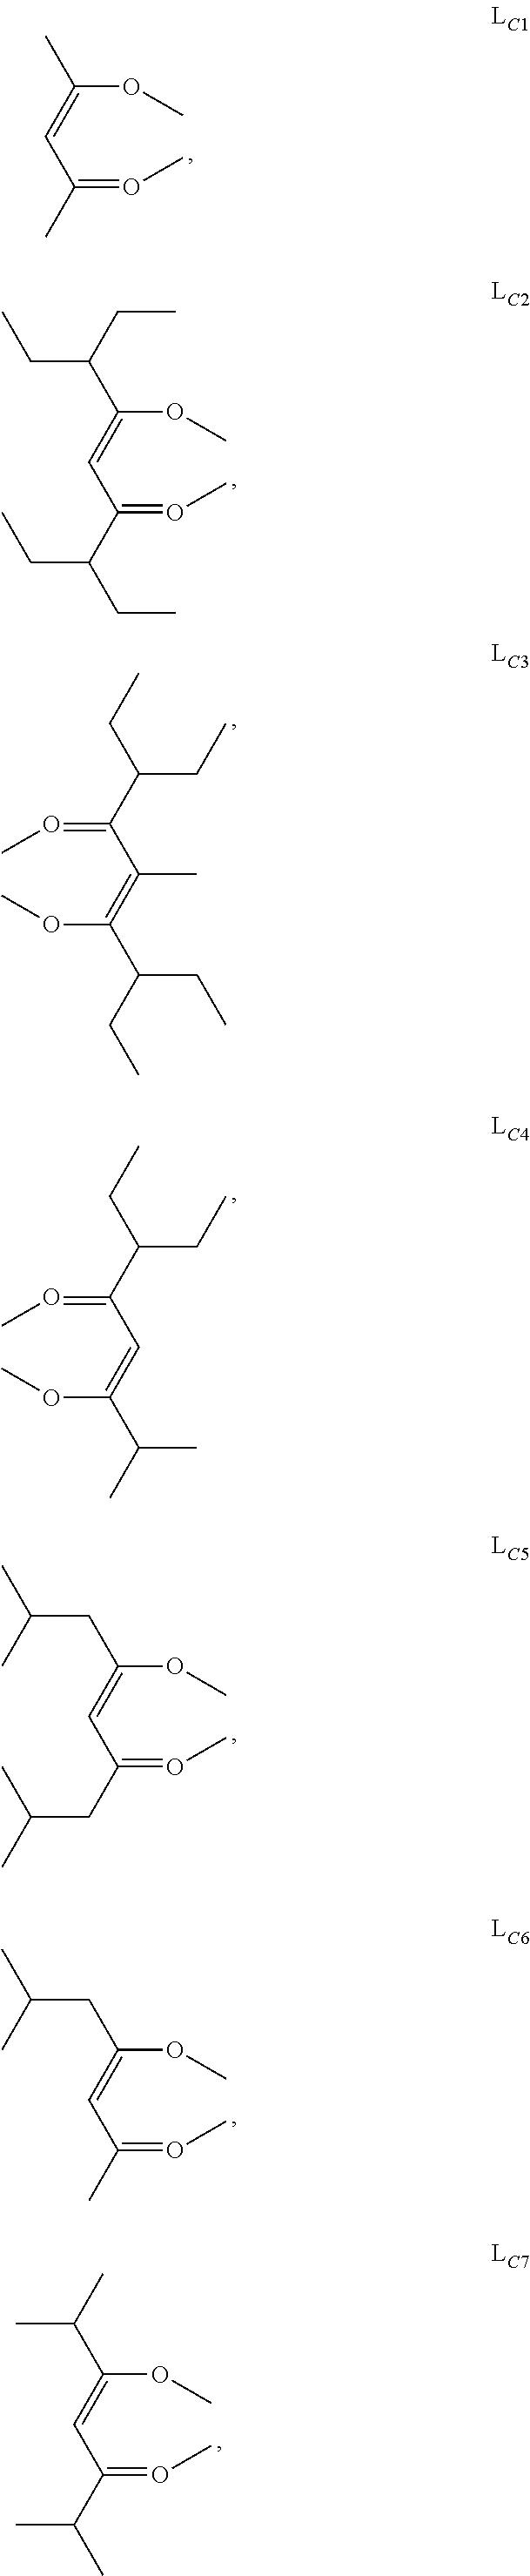 Figure US09691993-20170627-C00302